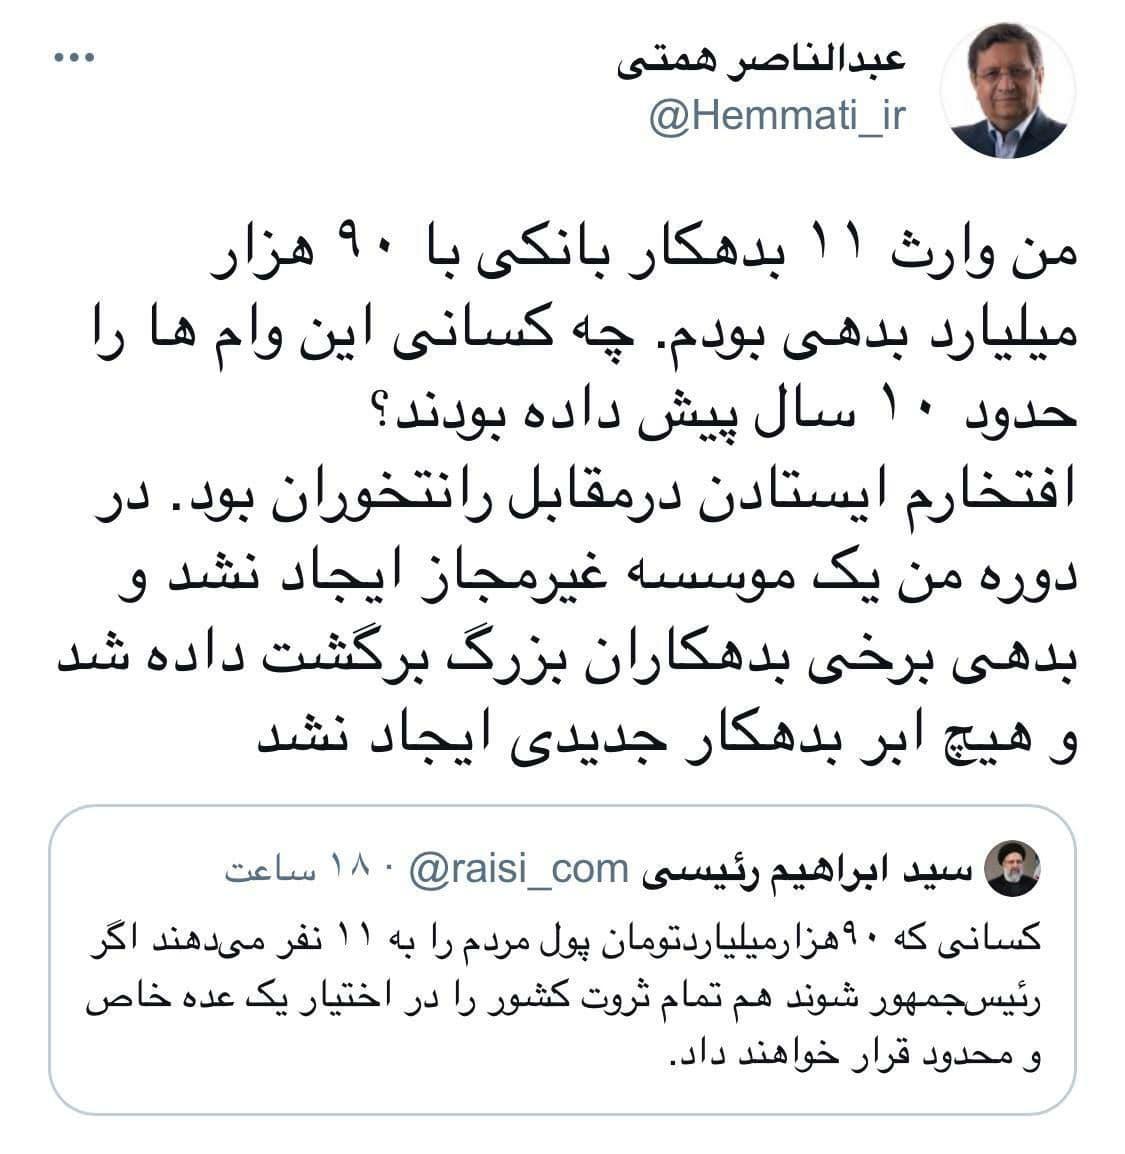 عبدالناصر همتی ، رییس سابق بانک مرکزی در اقدامی عجیب از جایش بلند شده و کاغذی را که مدعی بود حاوی فهرست 11 بدهکار بزرگ بانکی است روی میز سید ابراهیم رییسی ، رییس قوه قضاییه گذاشت